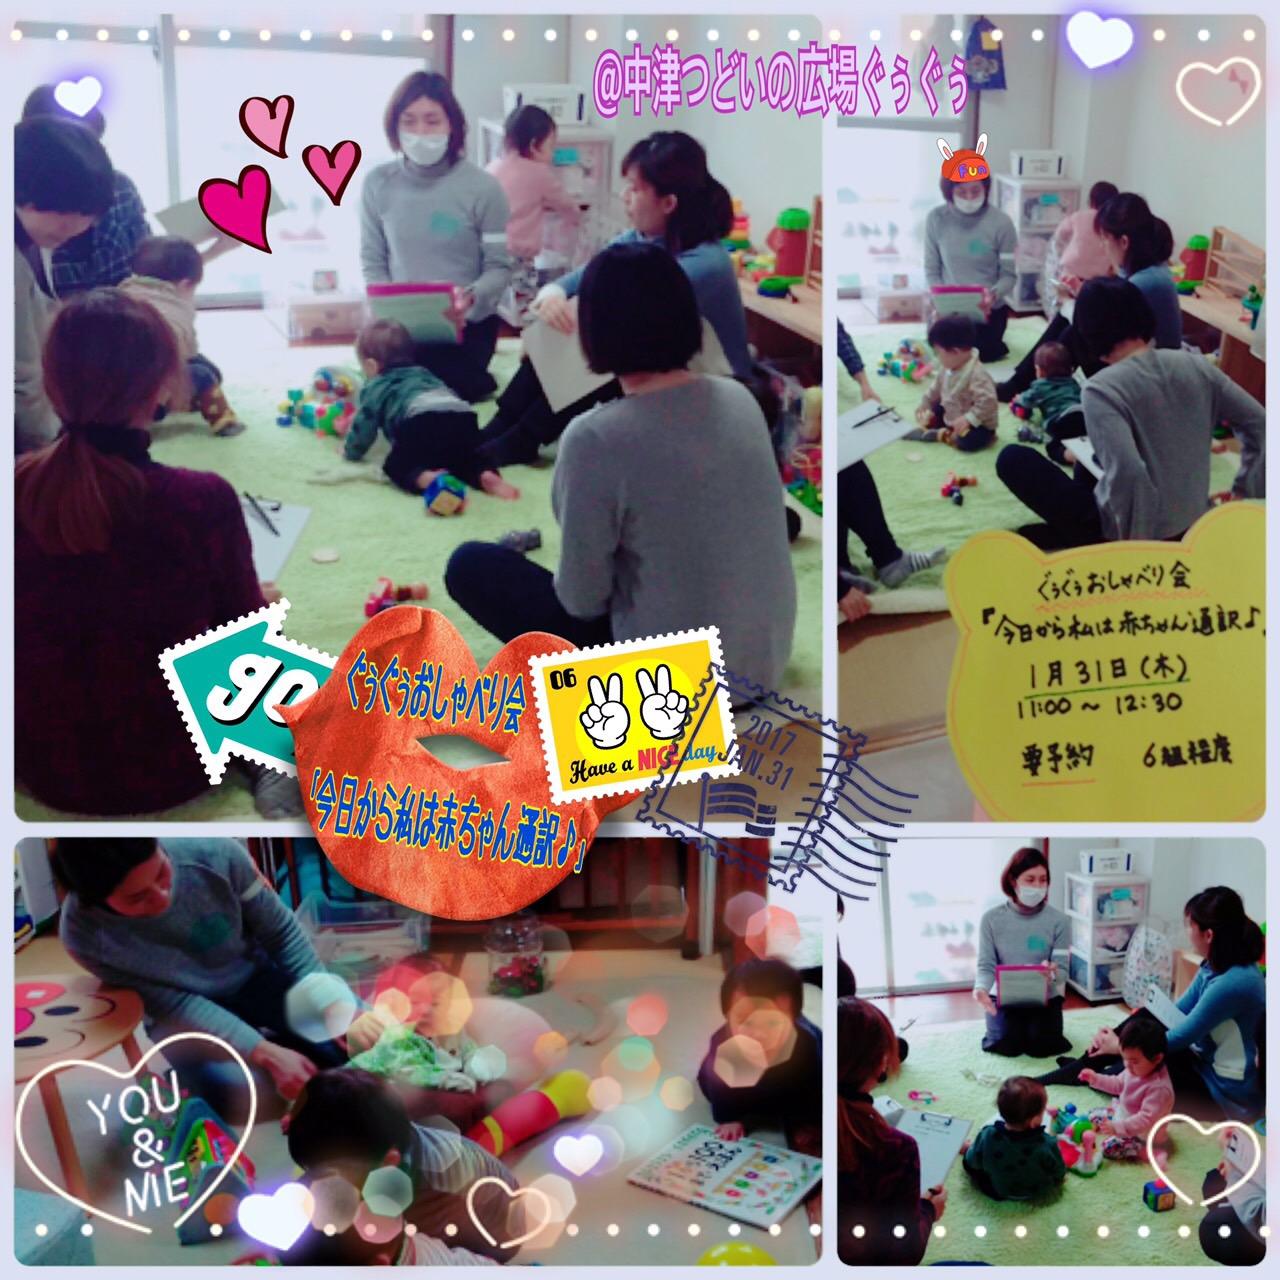 ぐぅぐぅおしゃべり会〜今日から私は赤ちゃん通訳♪〜を開催しました。